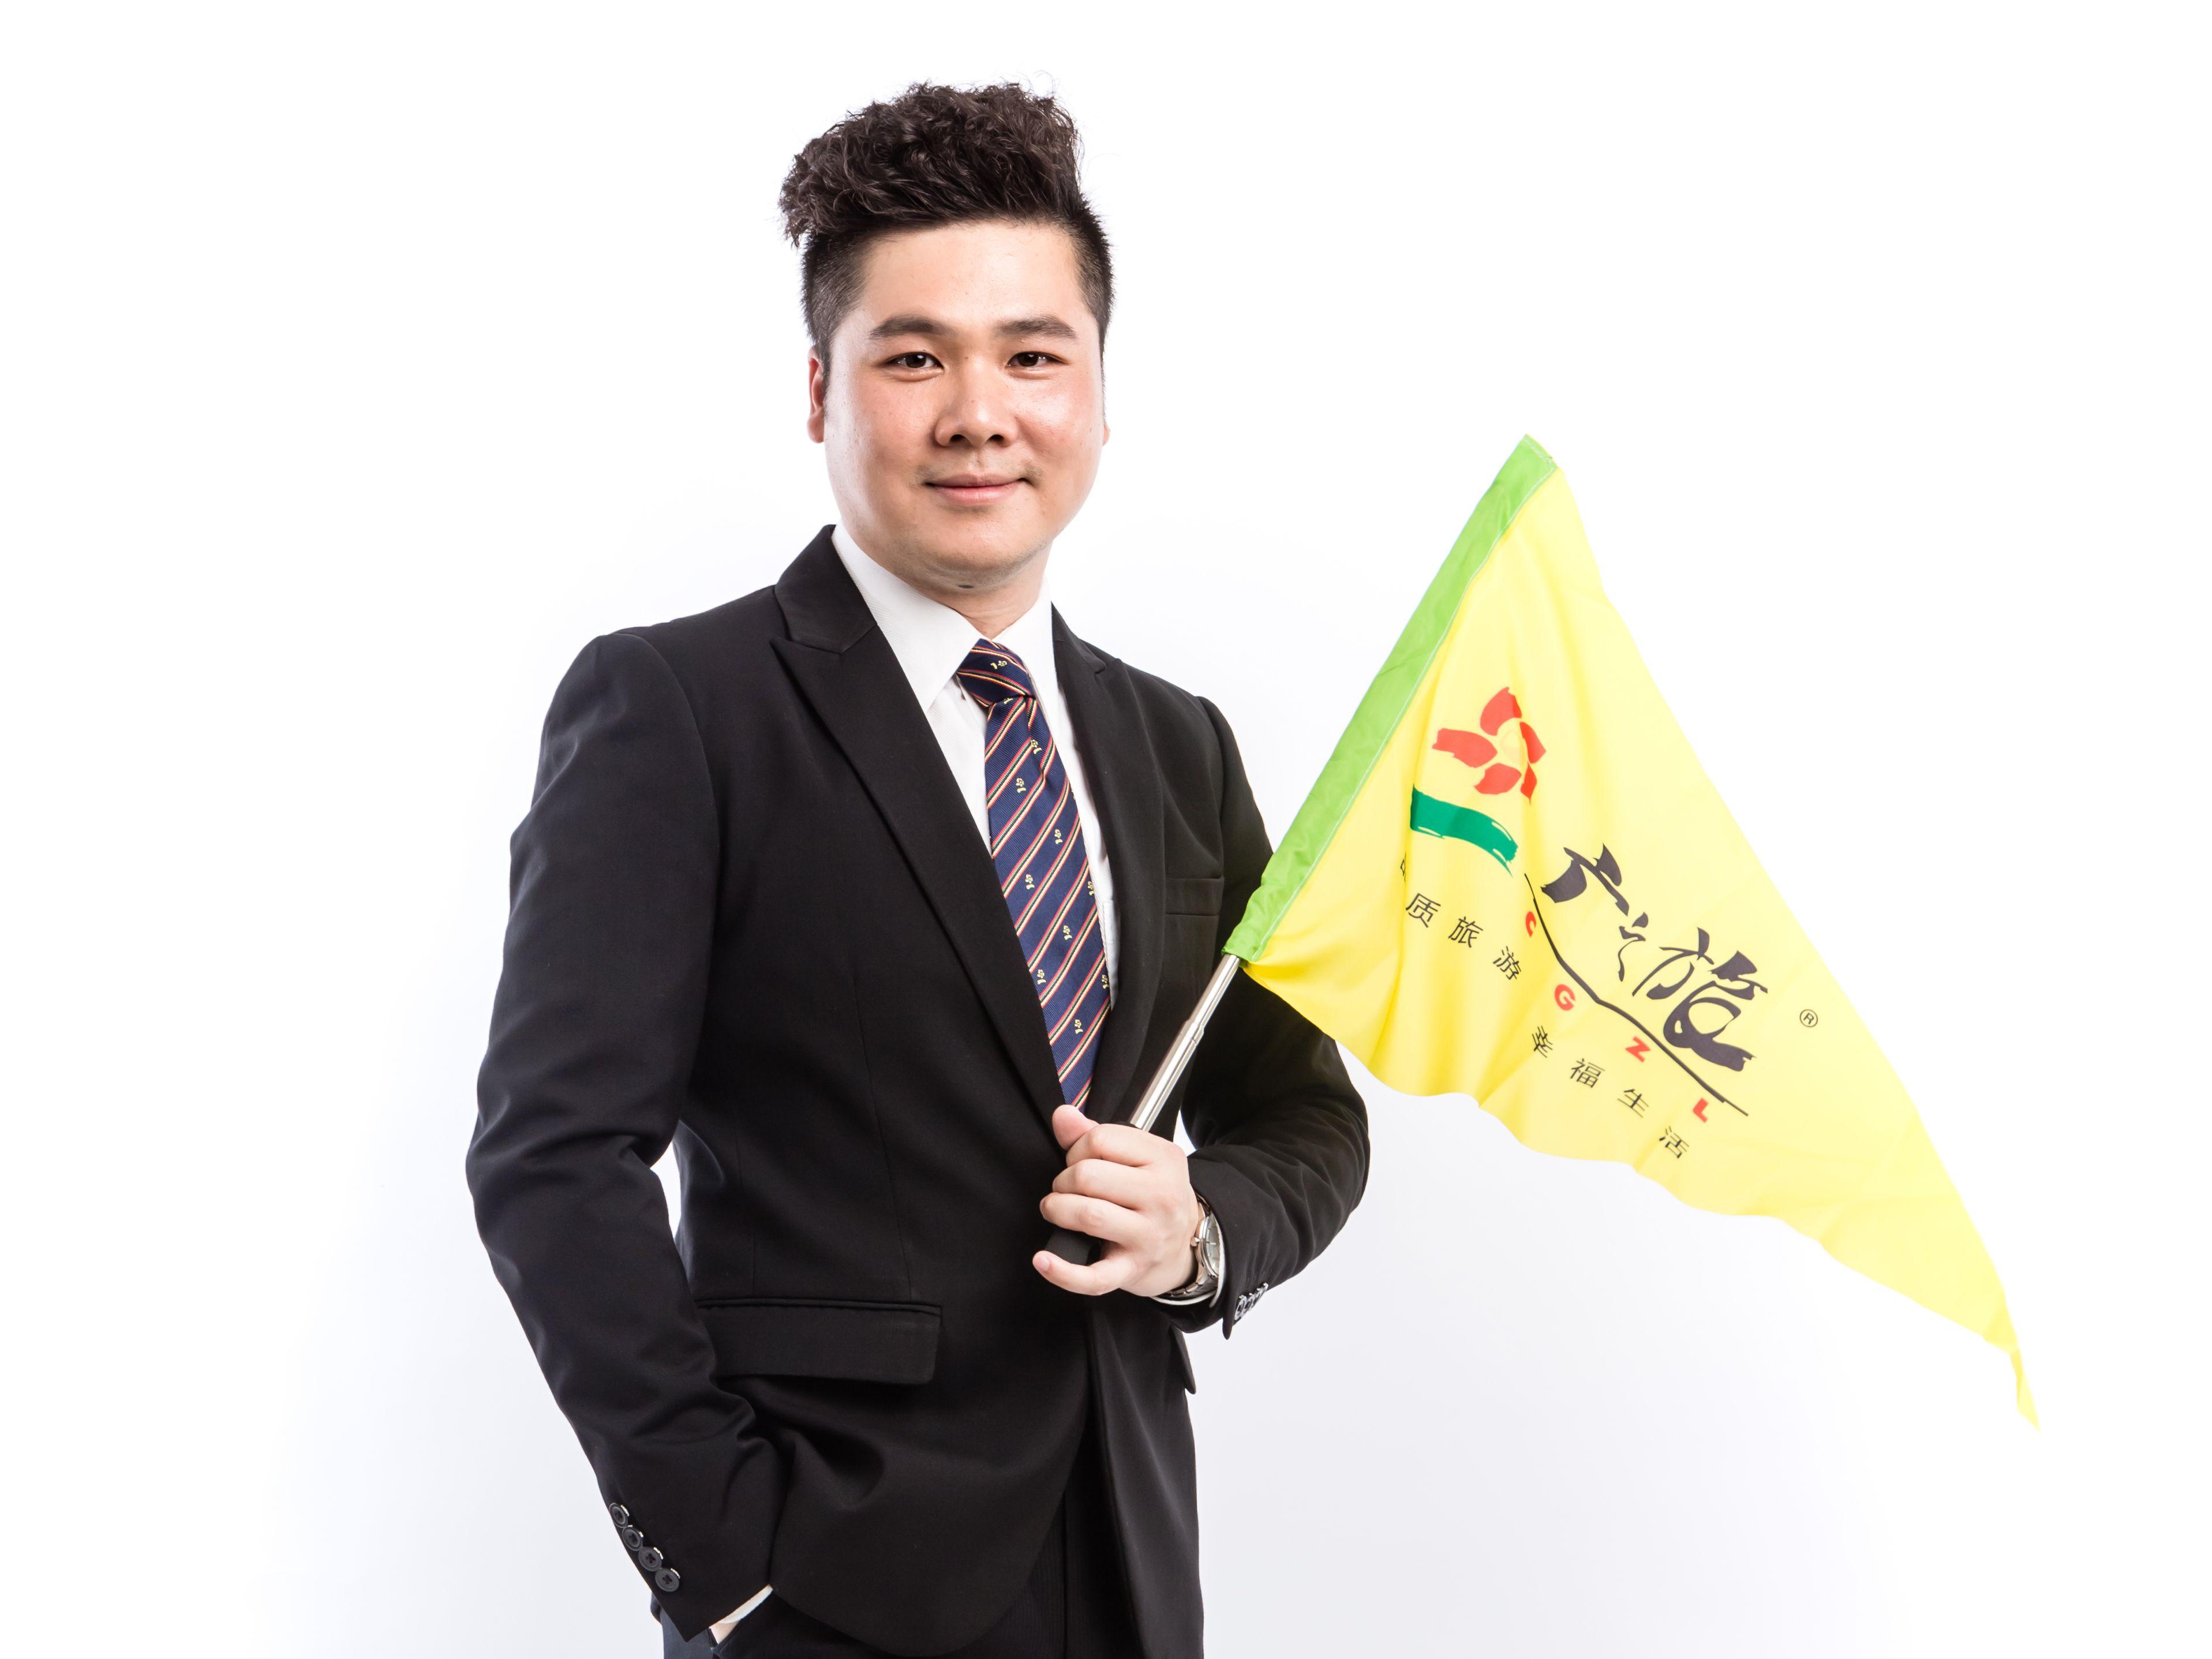 资深导游 冯扬锋